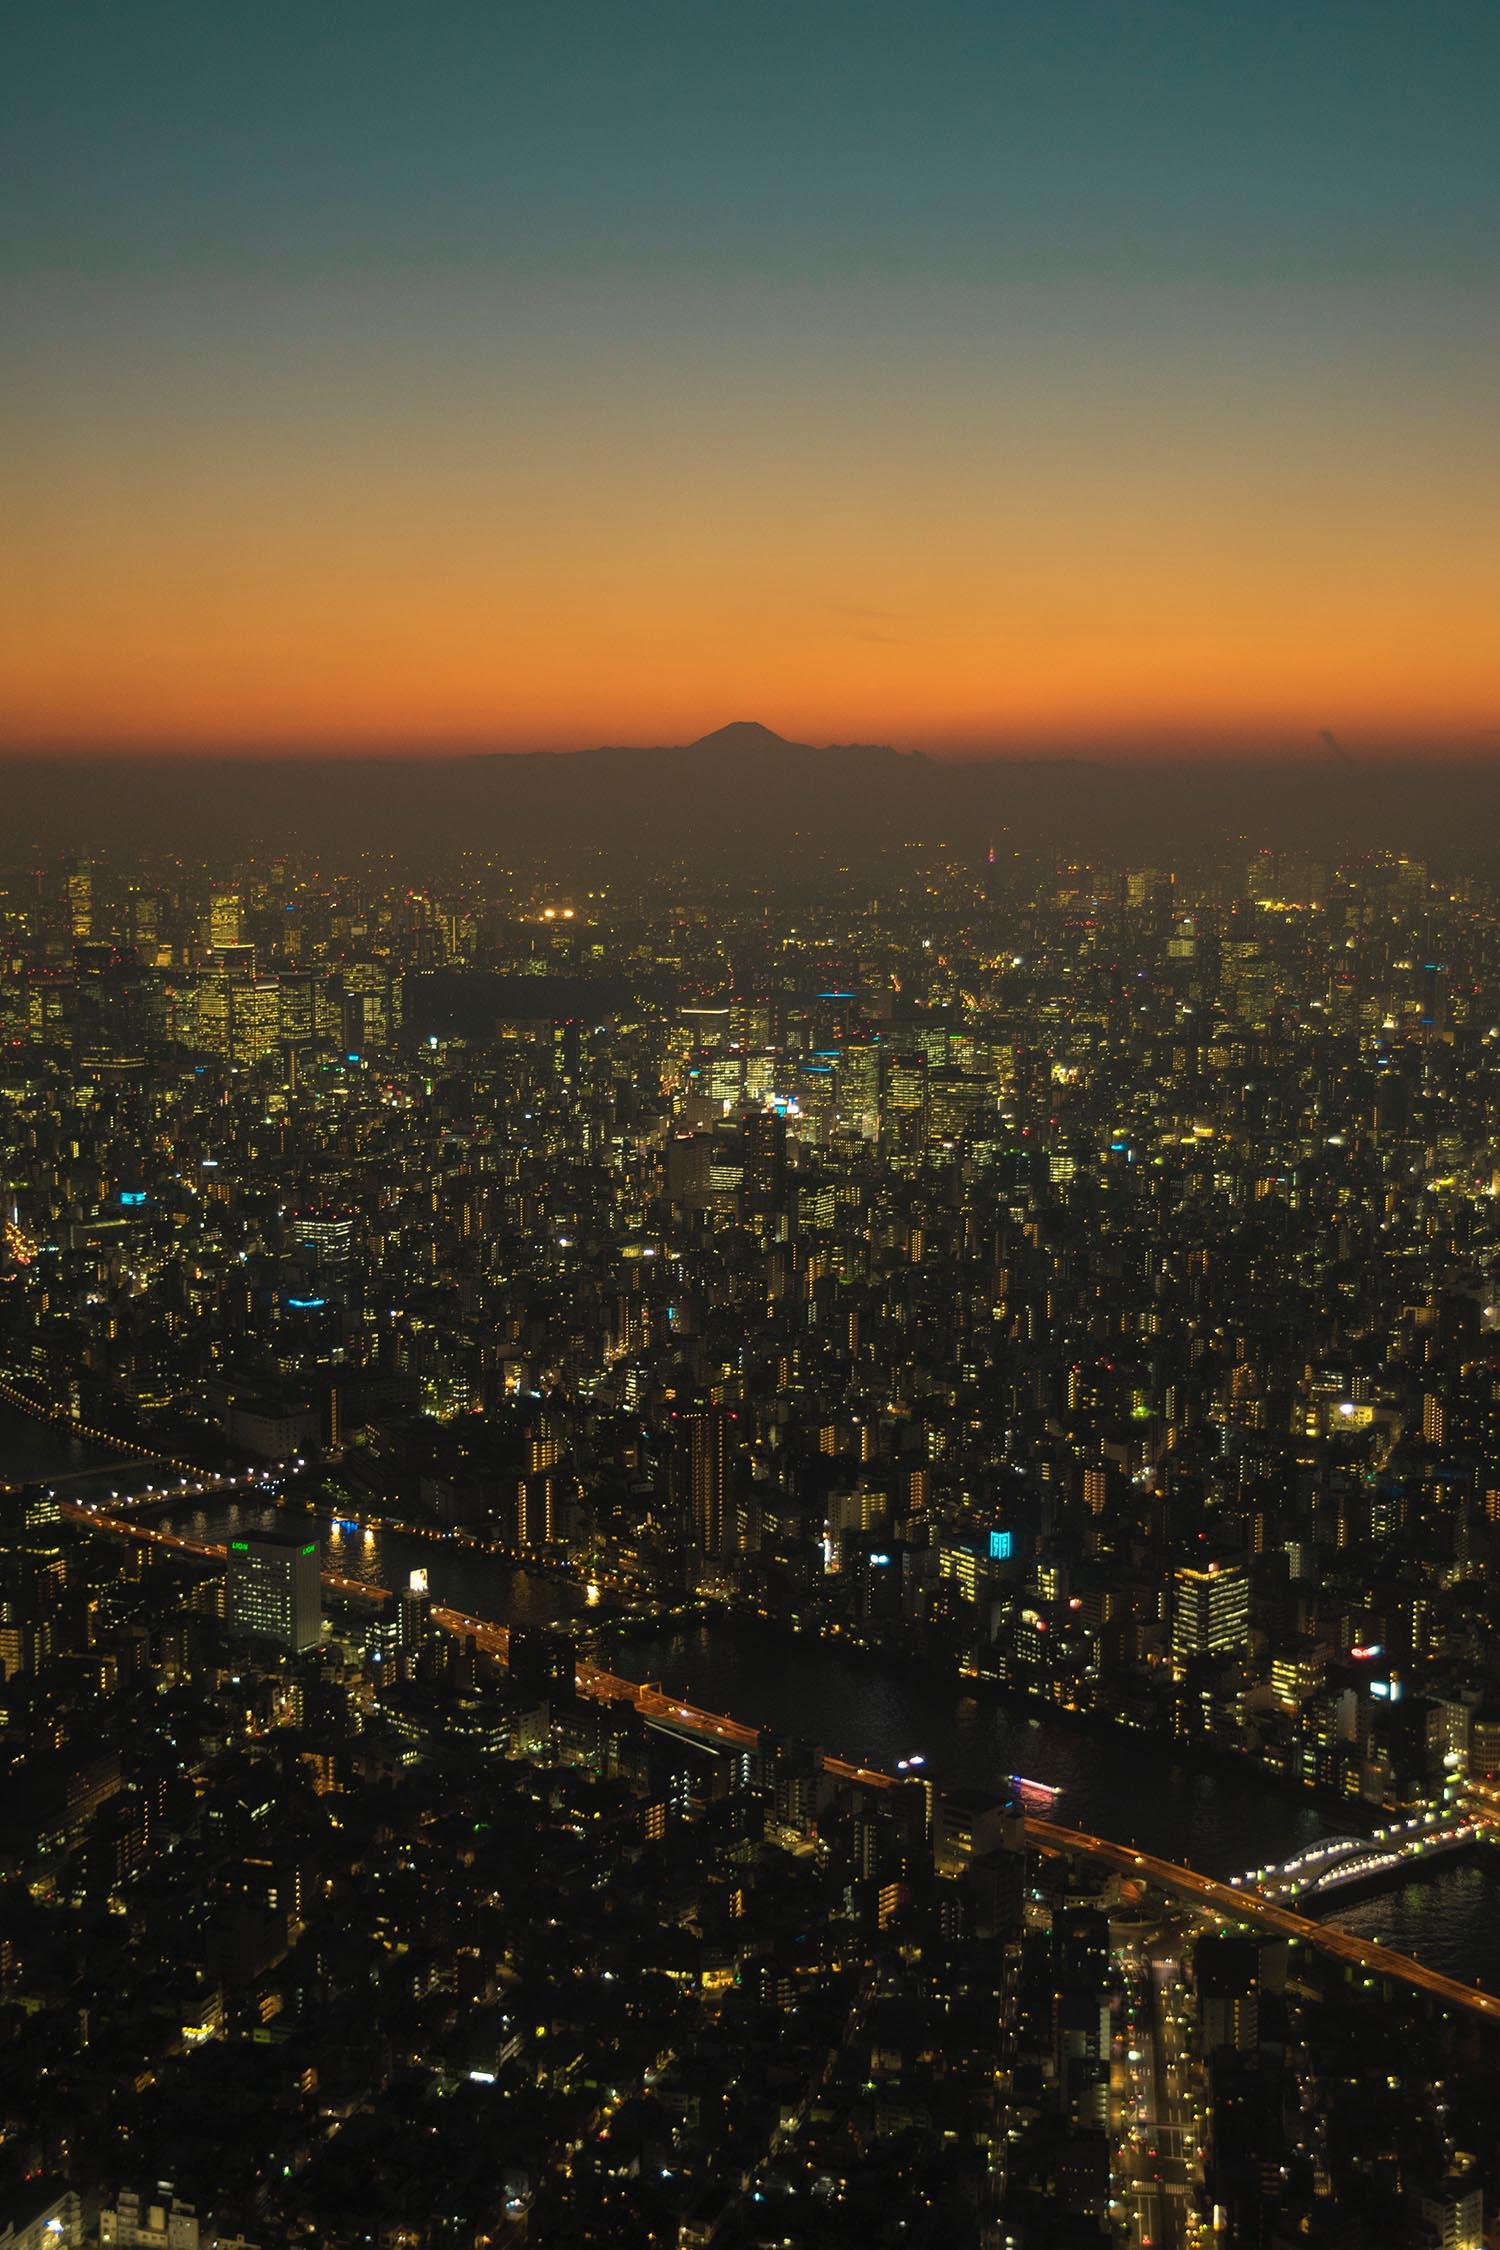 Vista desde la torre de Tokyo con el monte Fuji